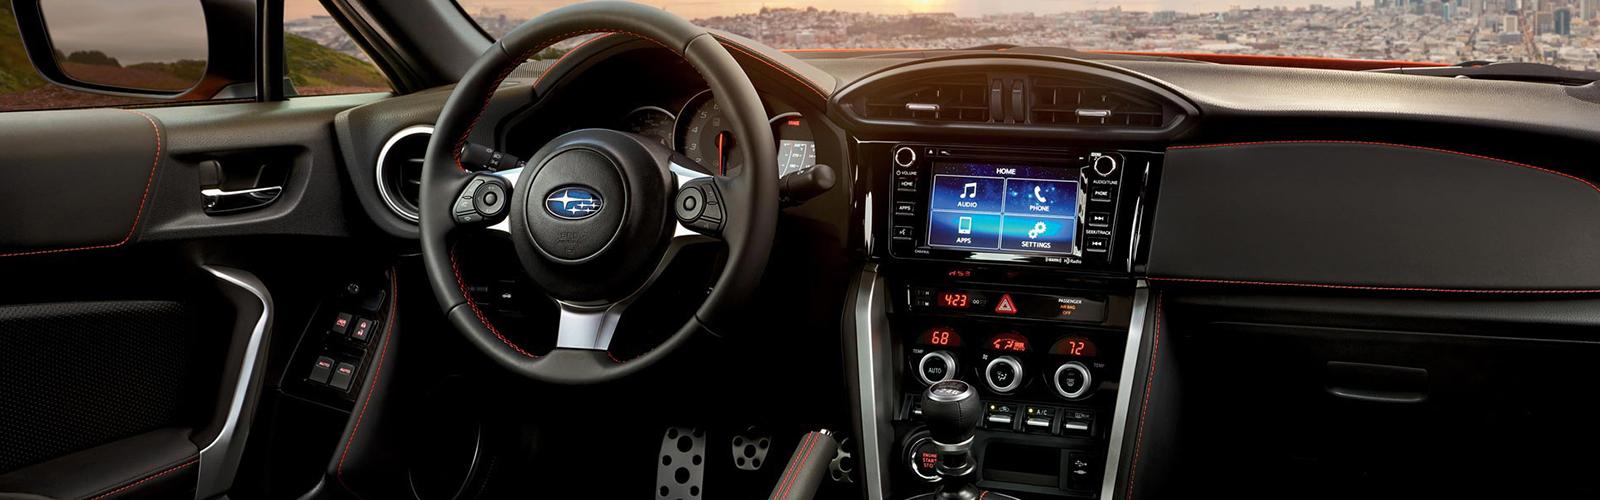 El interior del Subaru BRZ está pensado para la conducción